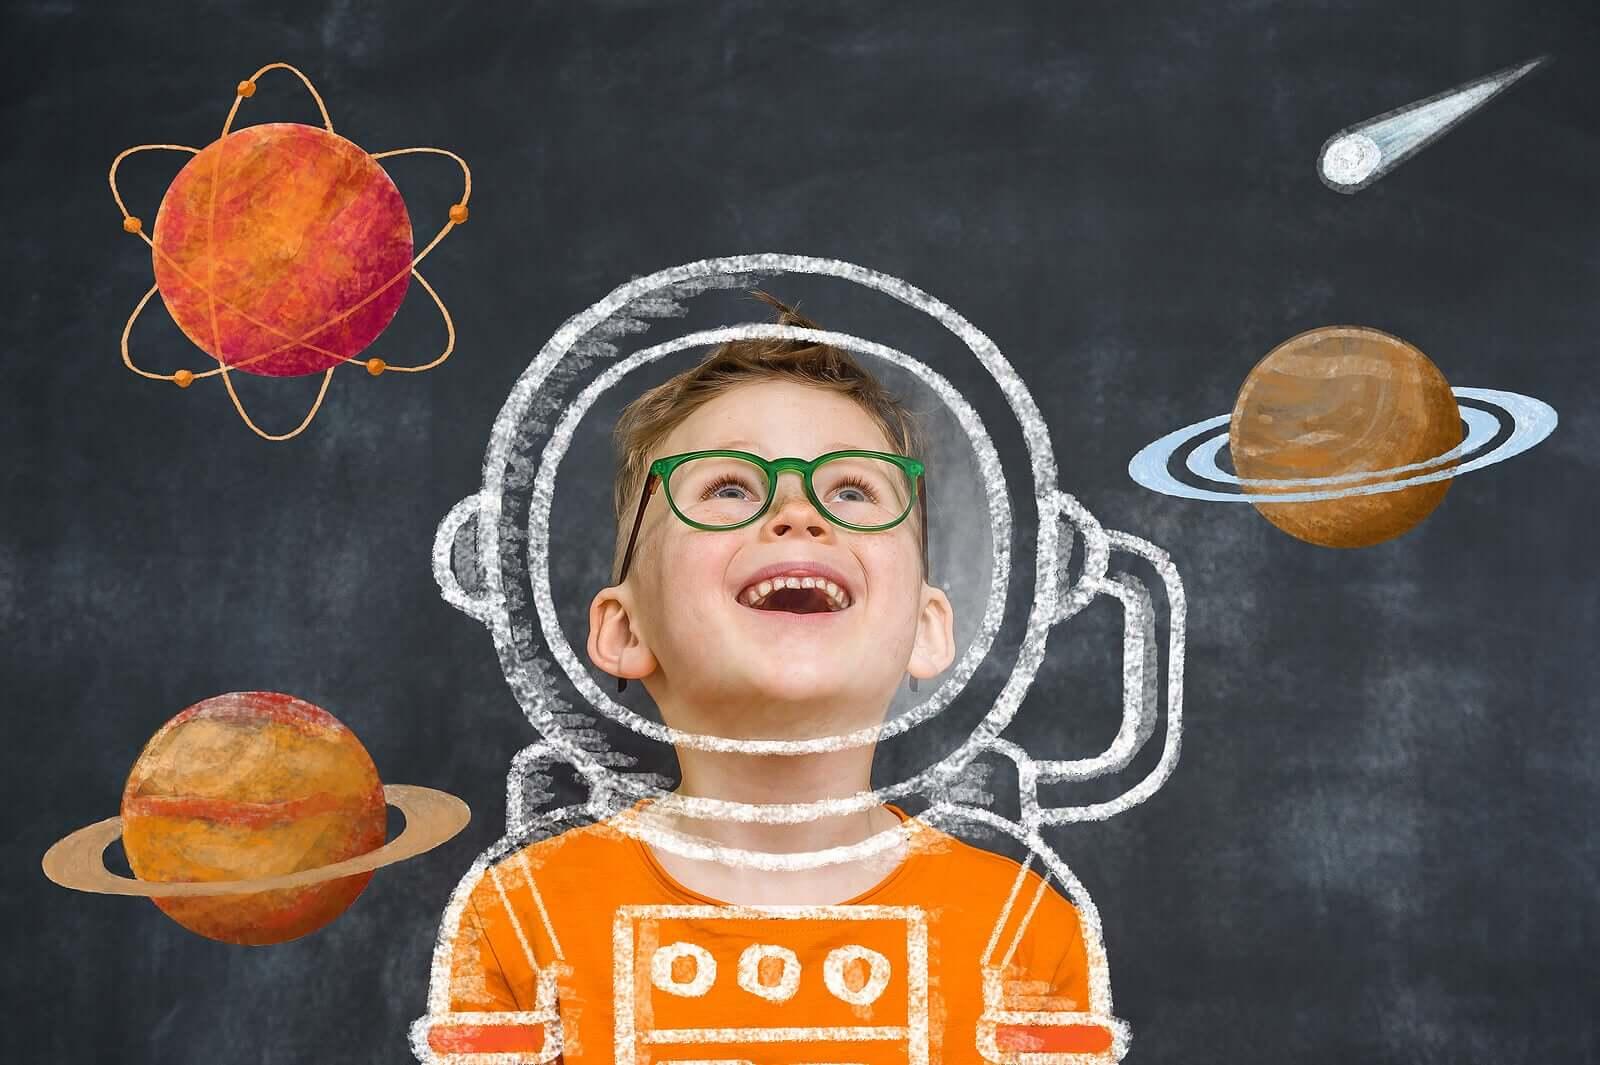 Menino na escola motivado a realizar o sonho de ser astronauta.